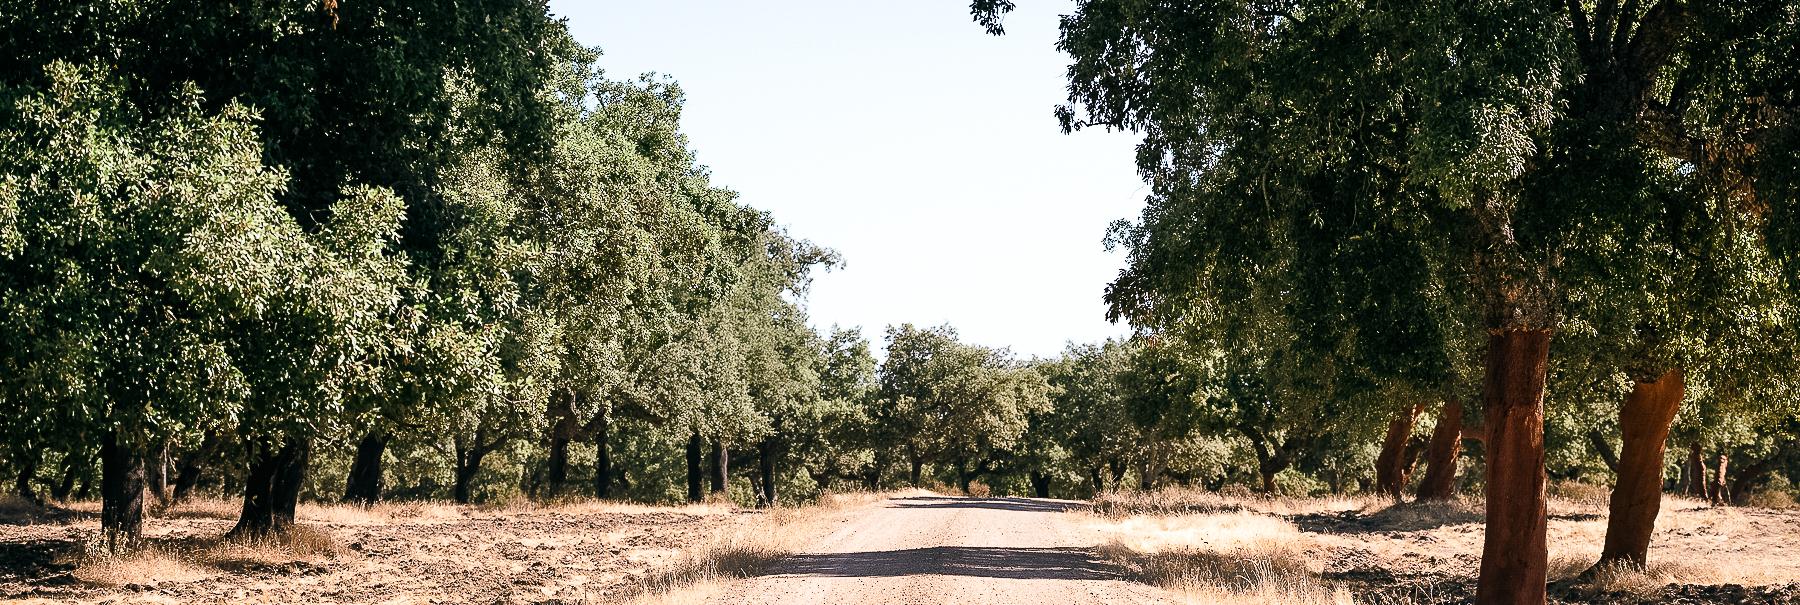 Castiblanco Camino de Santiago